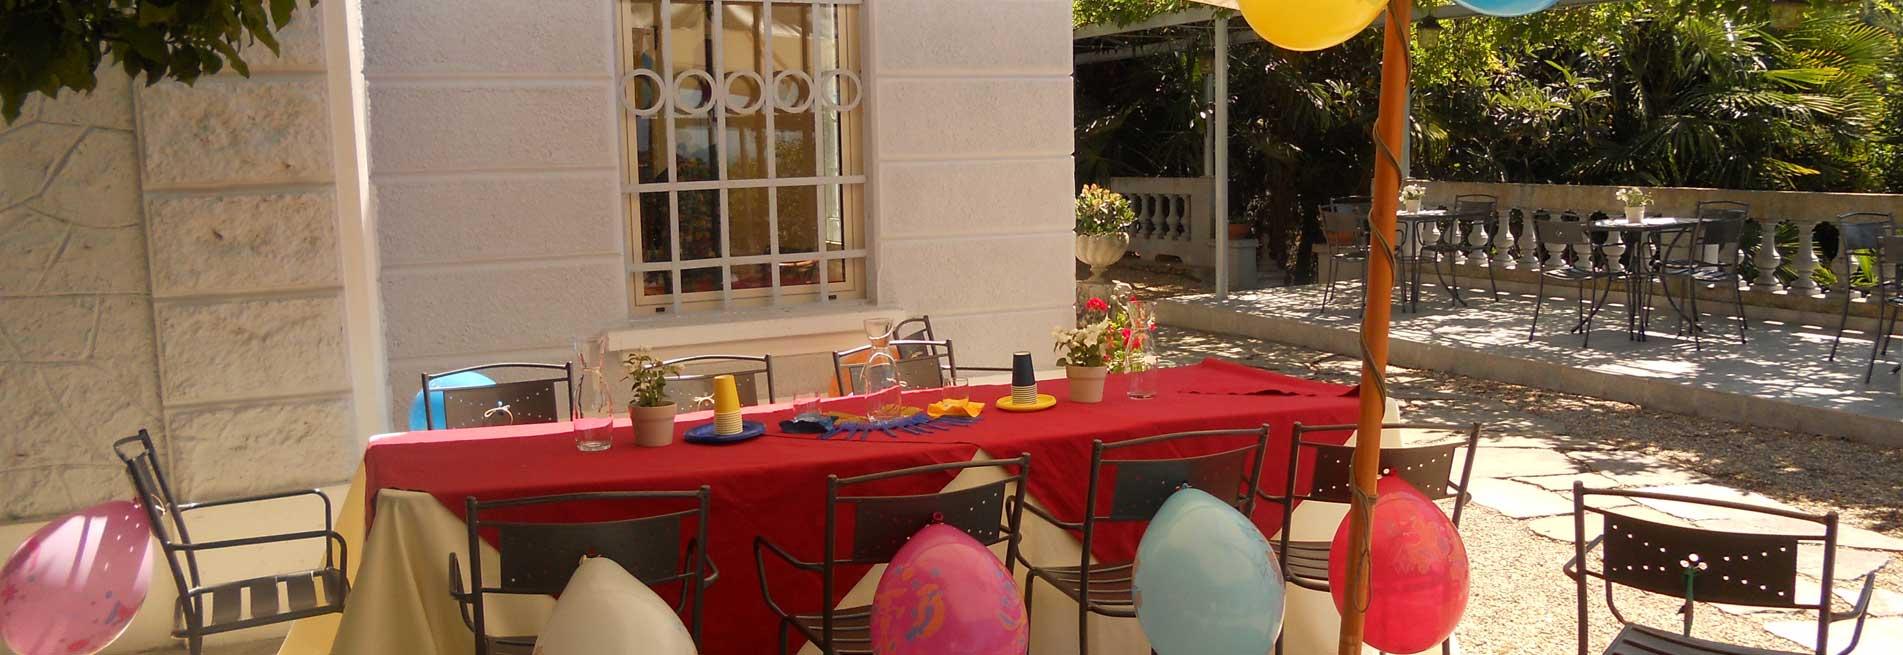 Catering allestimenti e attività per bambini, animatori, babysitter, seggiolini e tutto l'occorrente per una cerimonia a prova di bimbi!